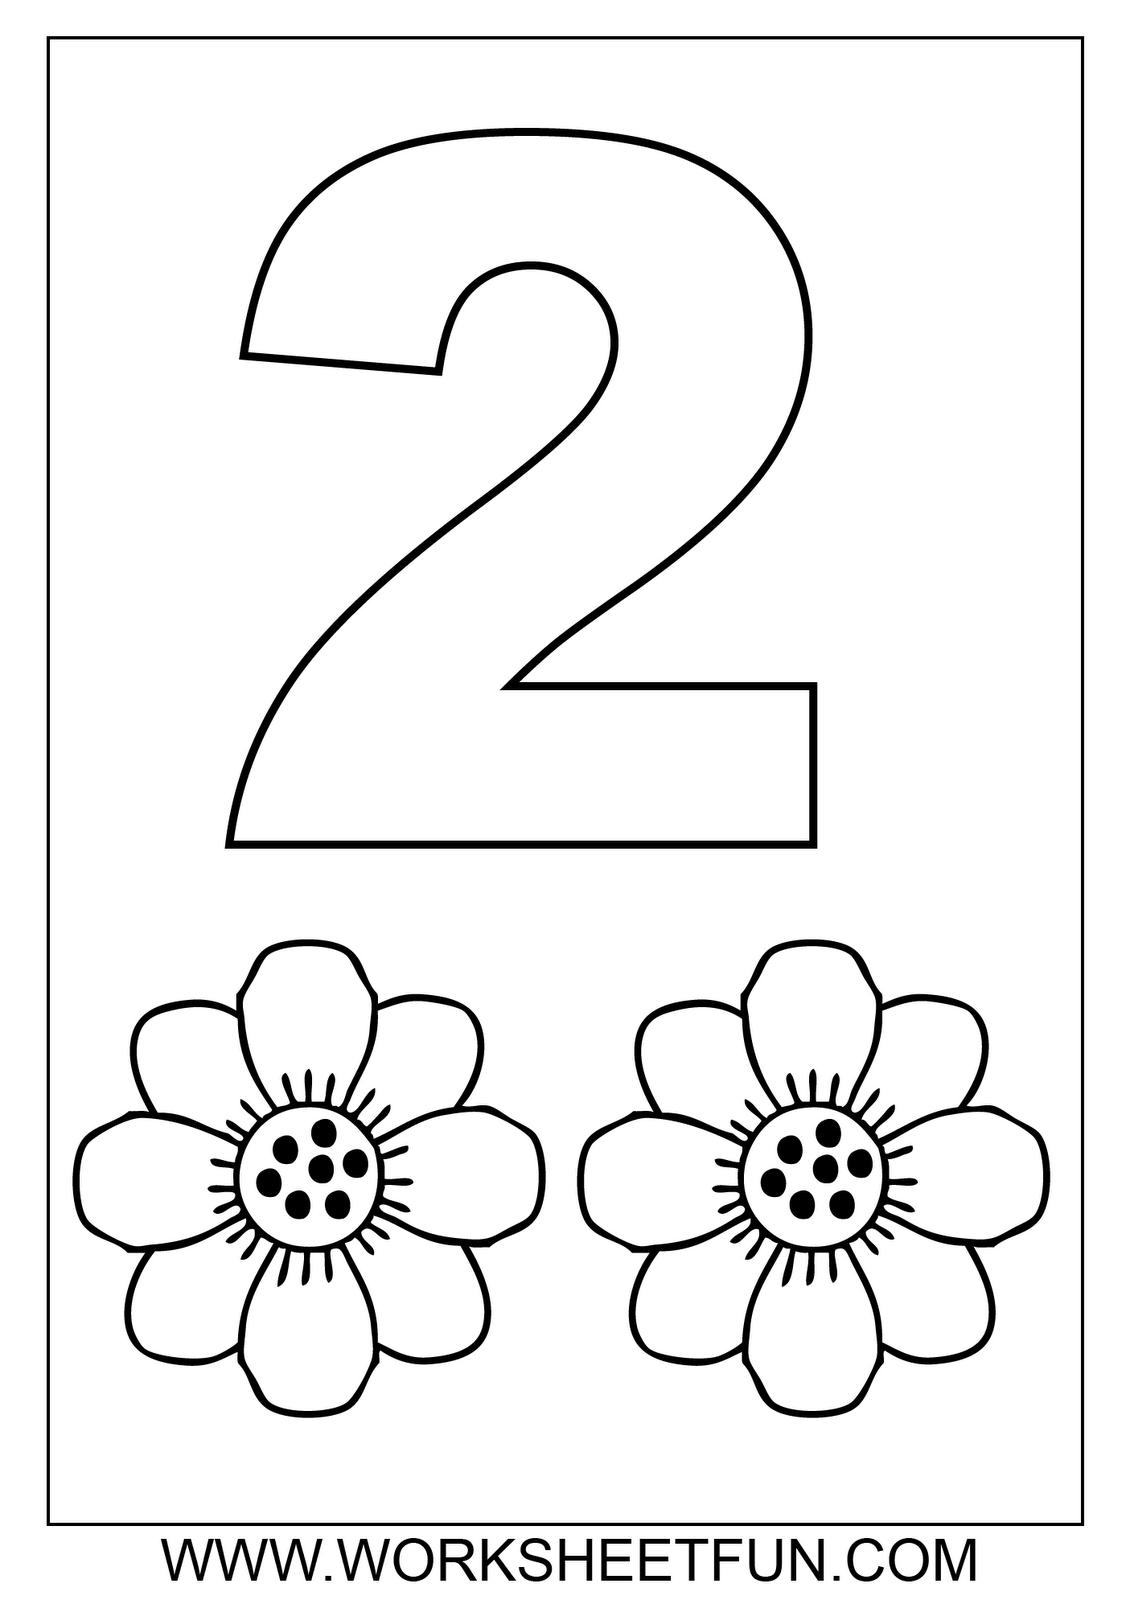 Number One Worksheet Preschool Printable Activities